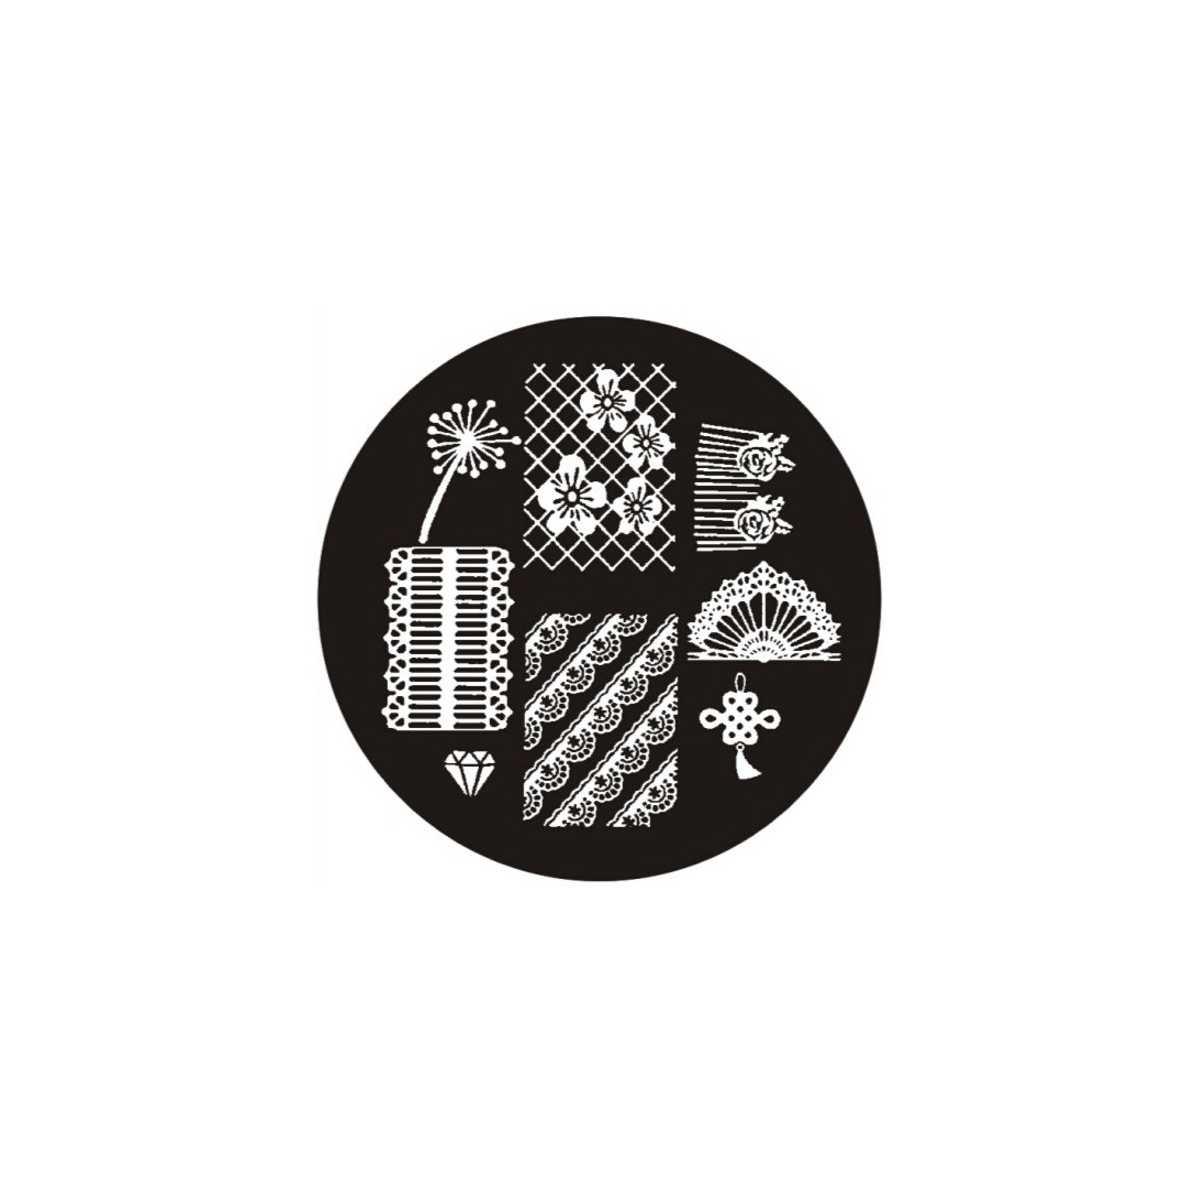 https://www.kit-manucure.com/1798-thickbox_default/plaque-de-stamping-dentelle-nid-d-abeilles-fleur-éventail-diamant.jpg